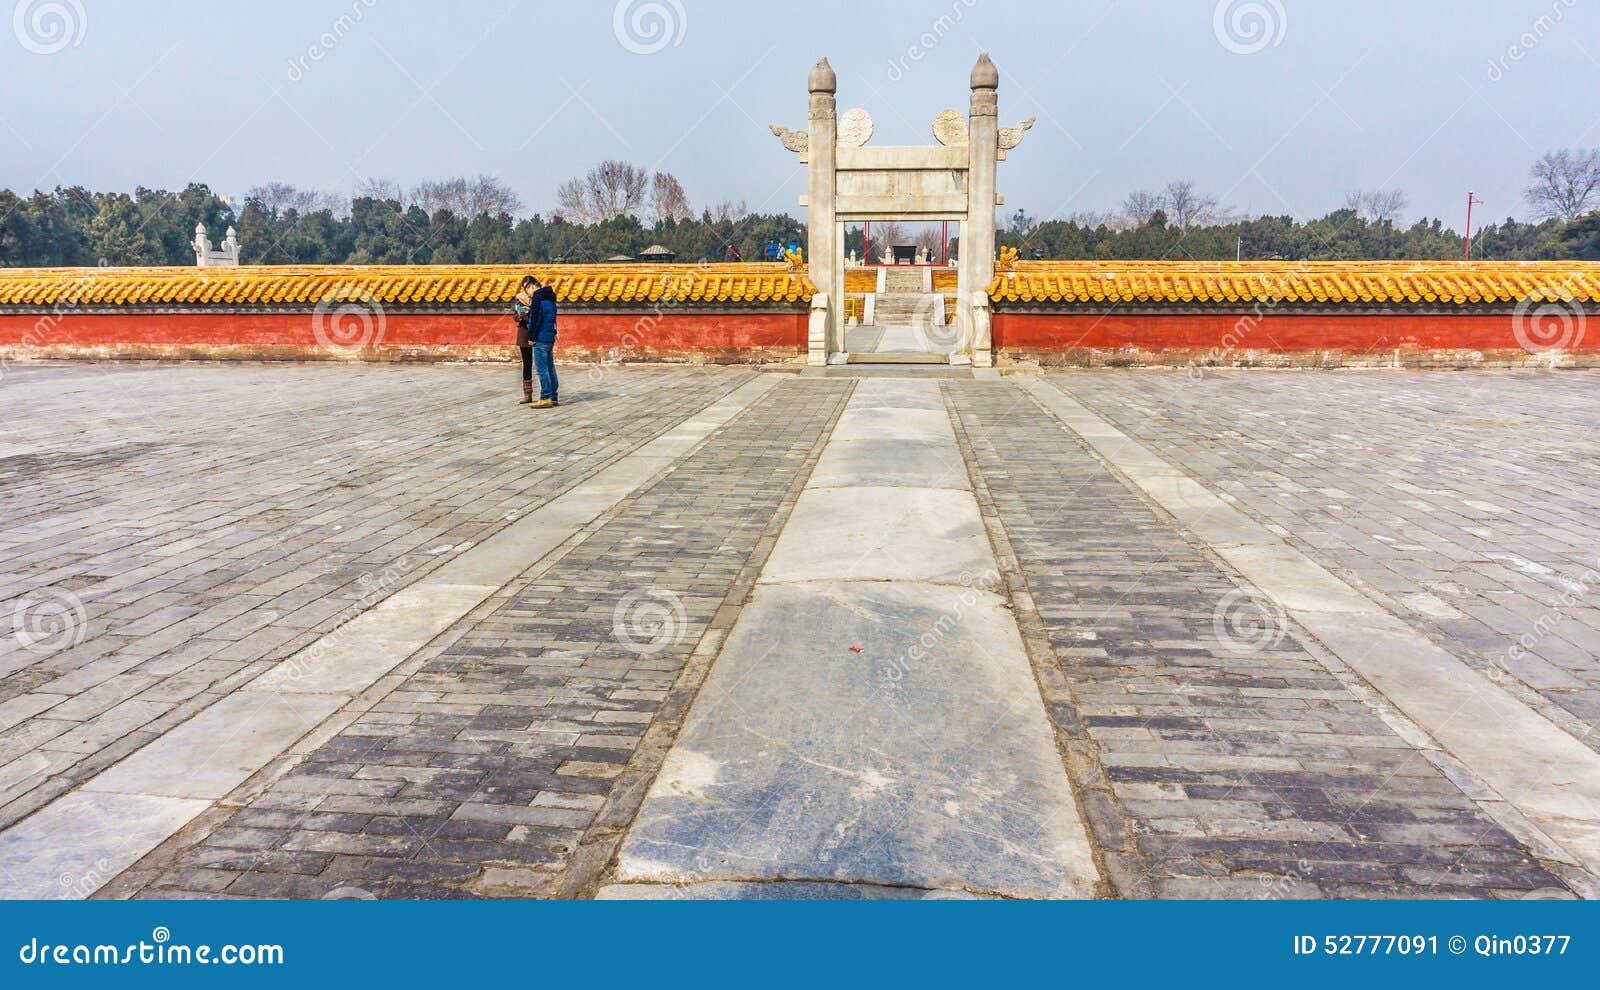 Ditan park in Beijing ... Ditan